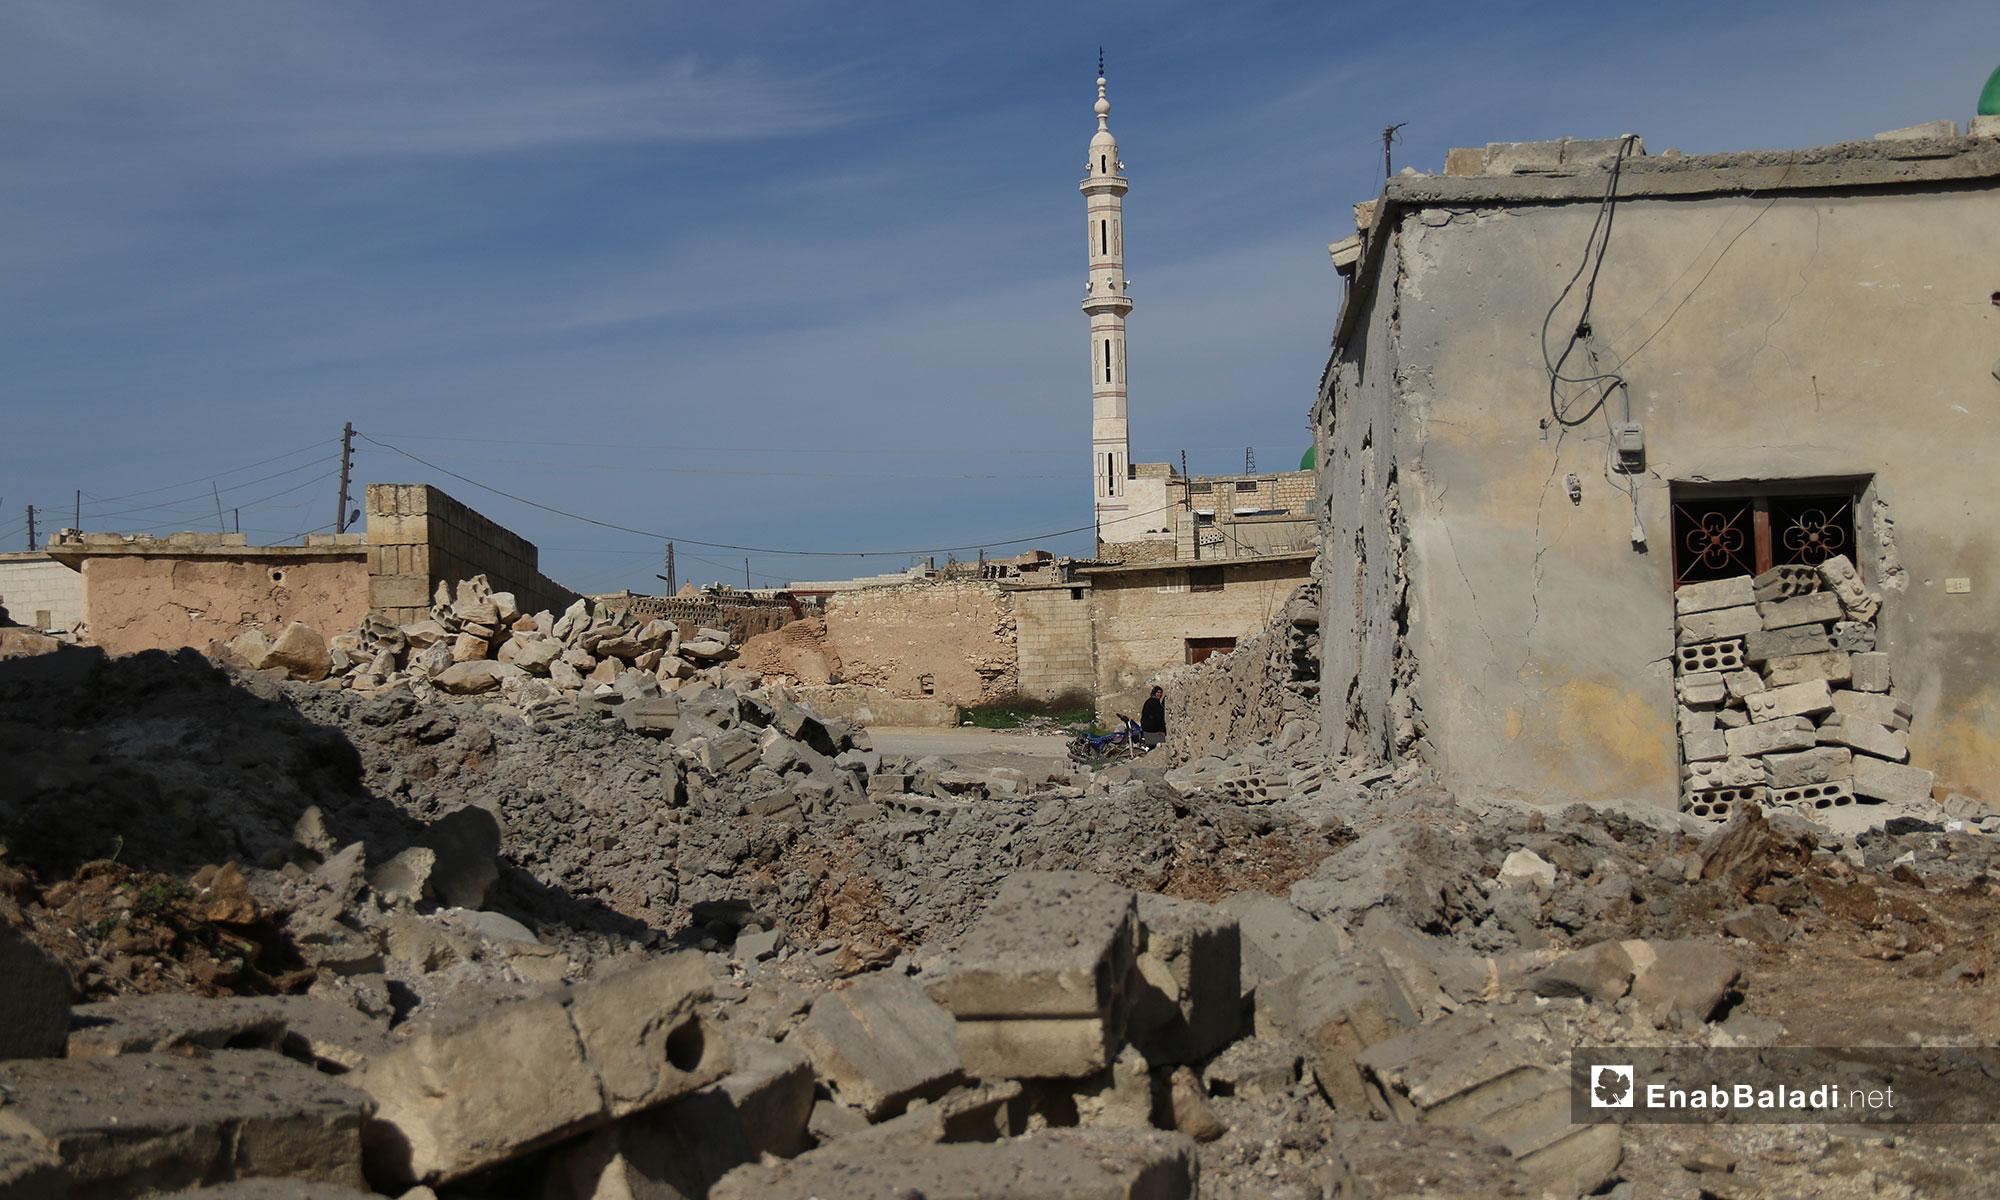 آثار الدمار الذي خلفه القصف في بلدة التح بريف إدلب - 4 من شباط 2019 (عنب بلدي)